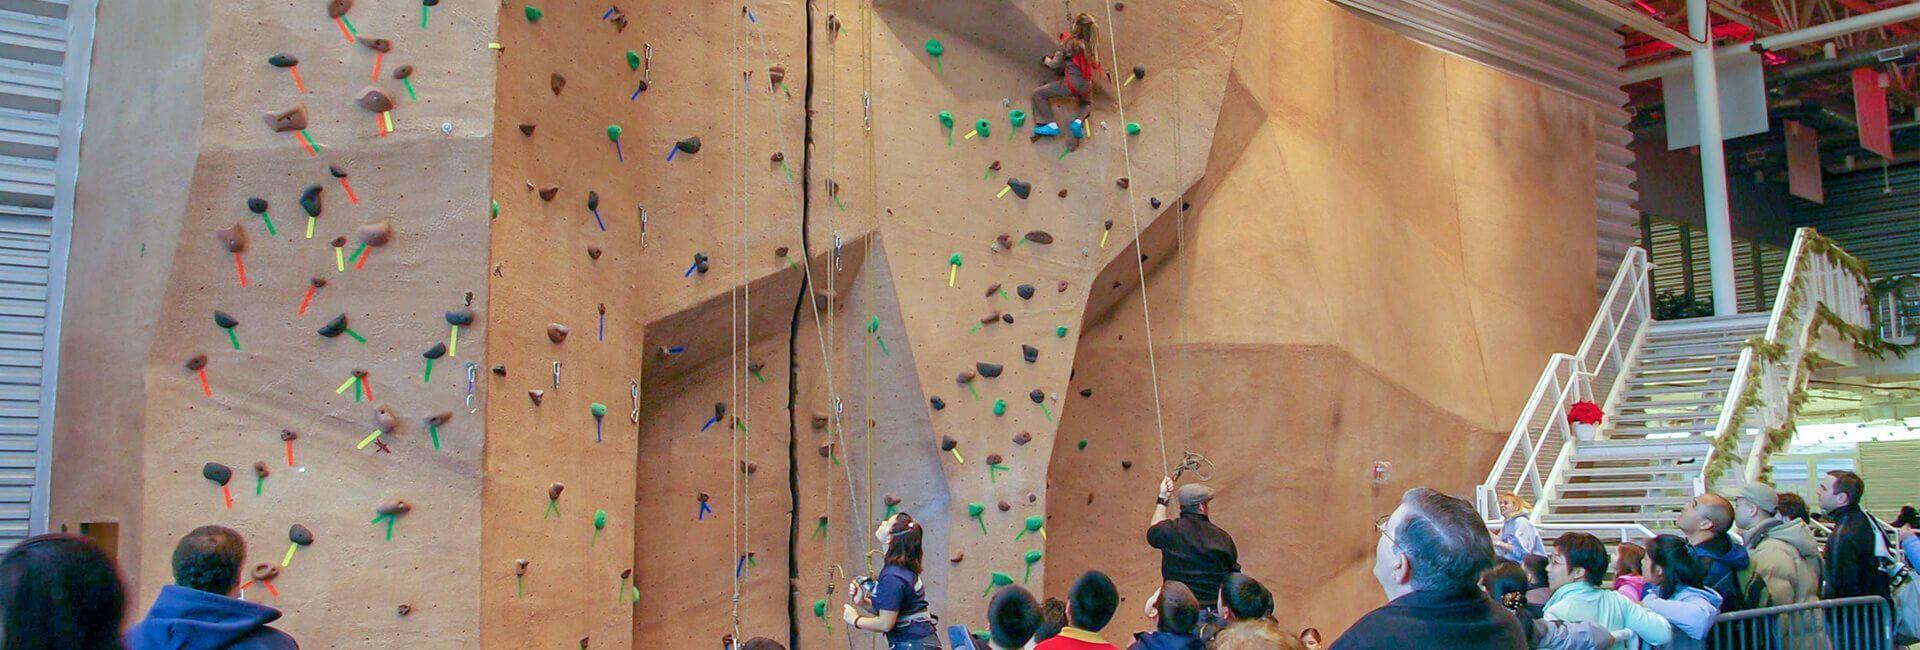 rock climbing, day pass, sports center, events center